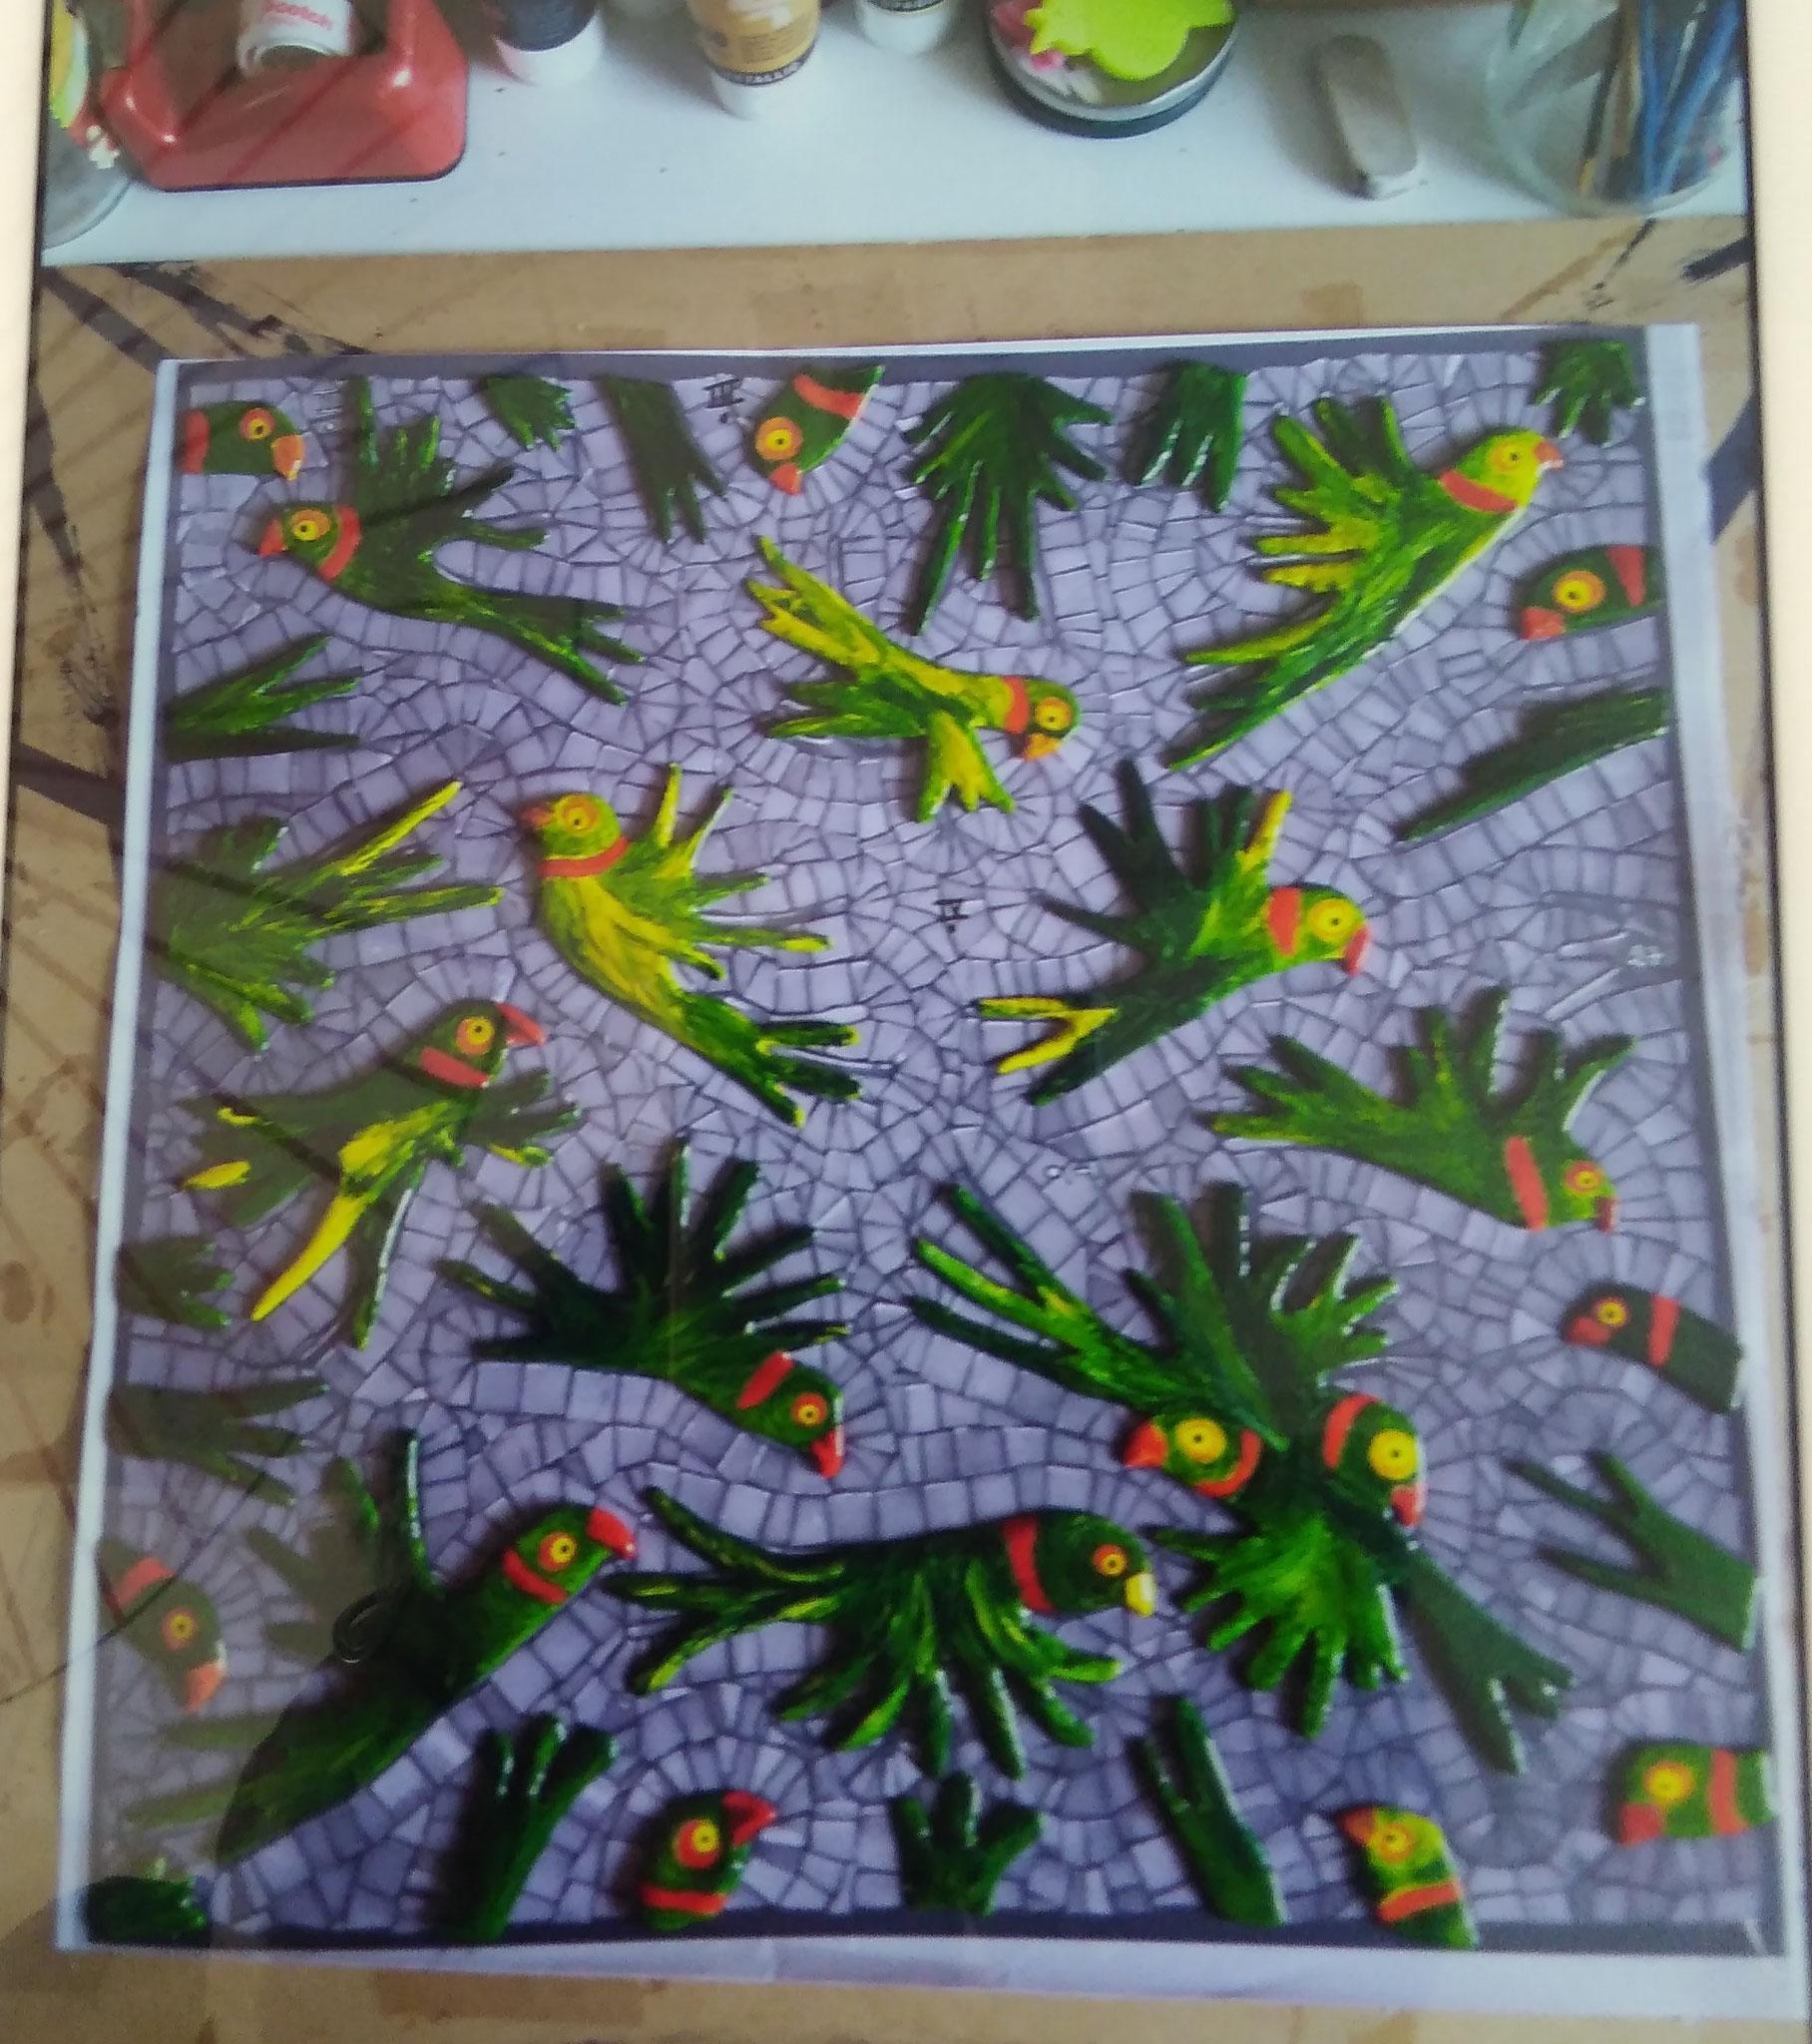 Marianne du 47, Tohu-bohu de perruches en céramique et fond en mosaïque., chapeau l'artiste!